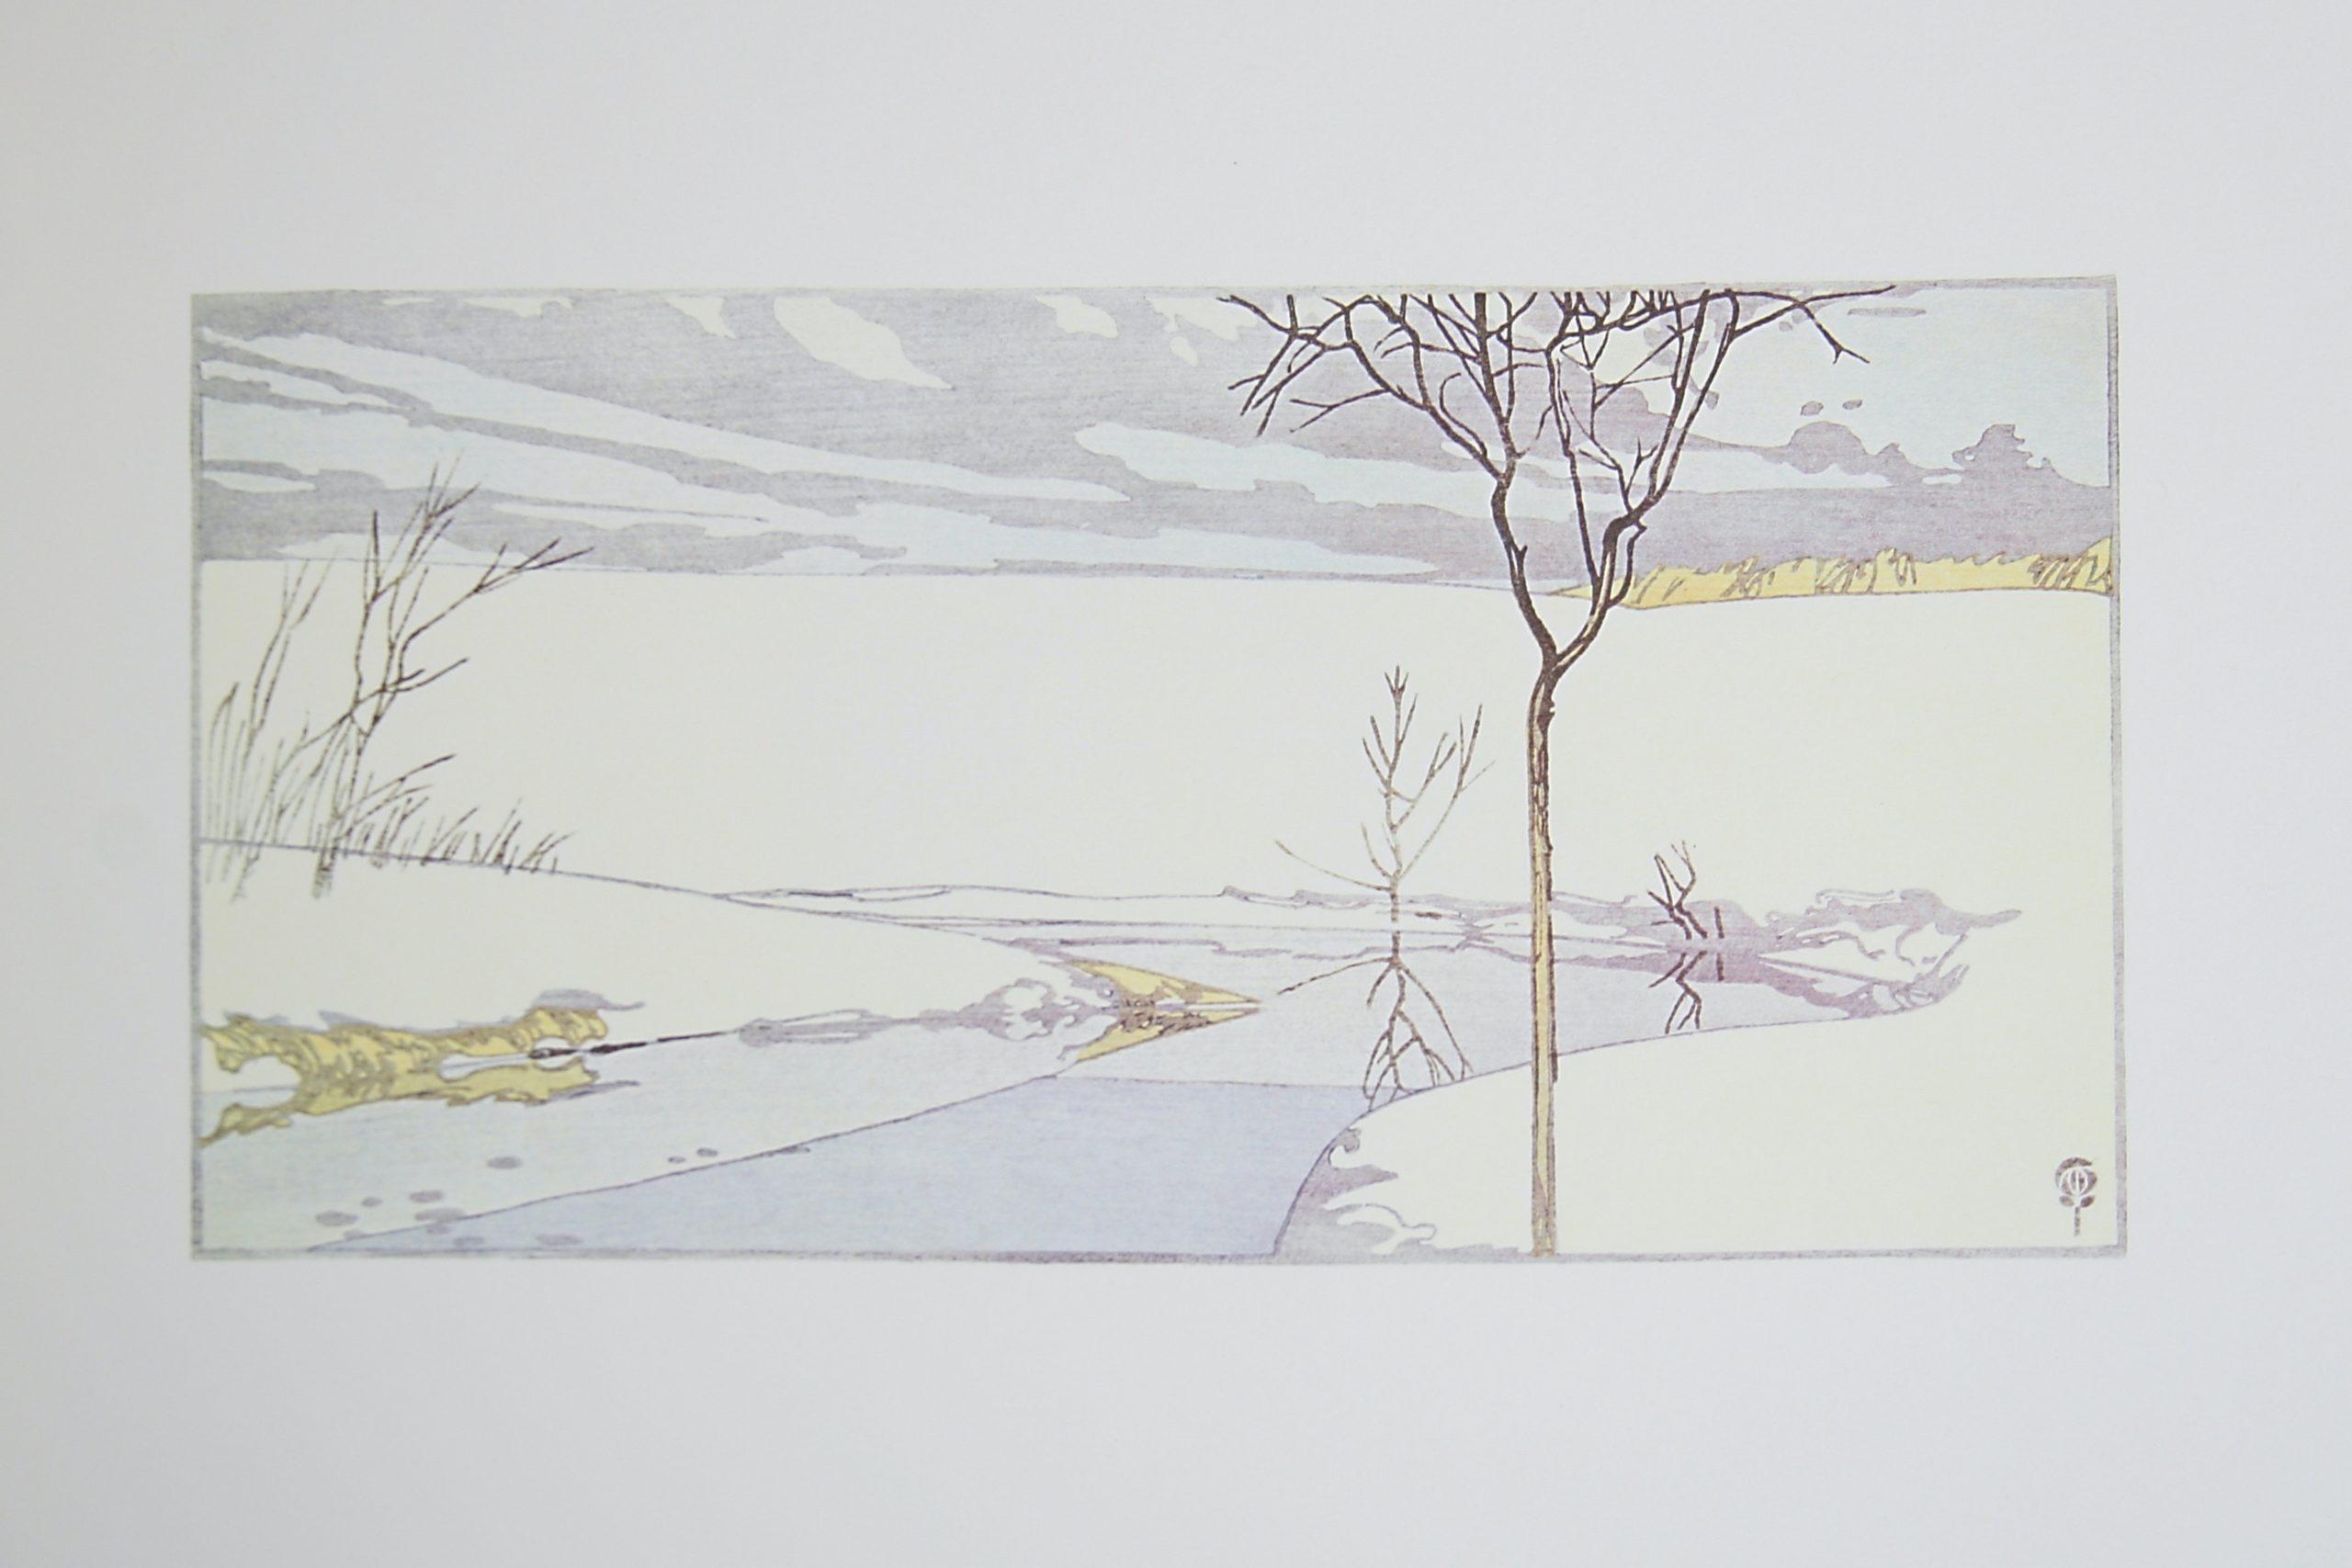 White Wilderness by WJ Phillips